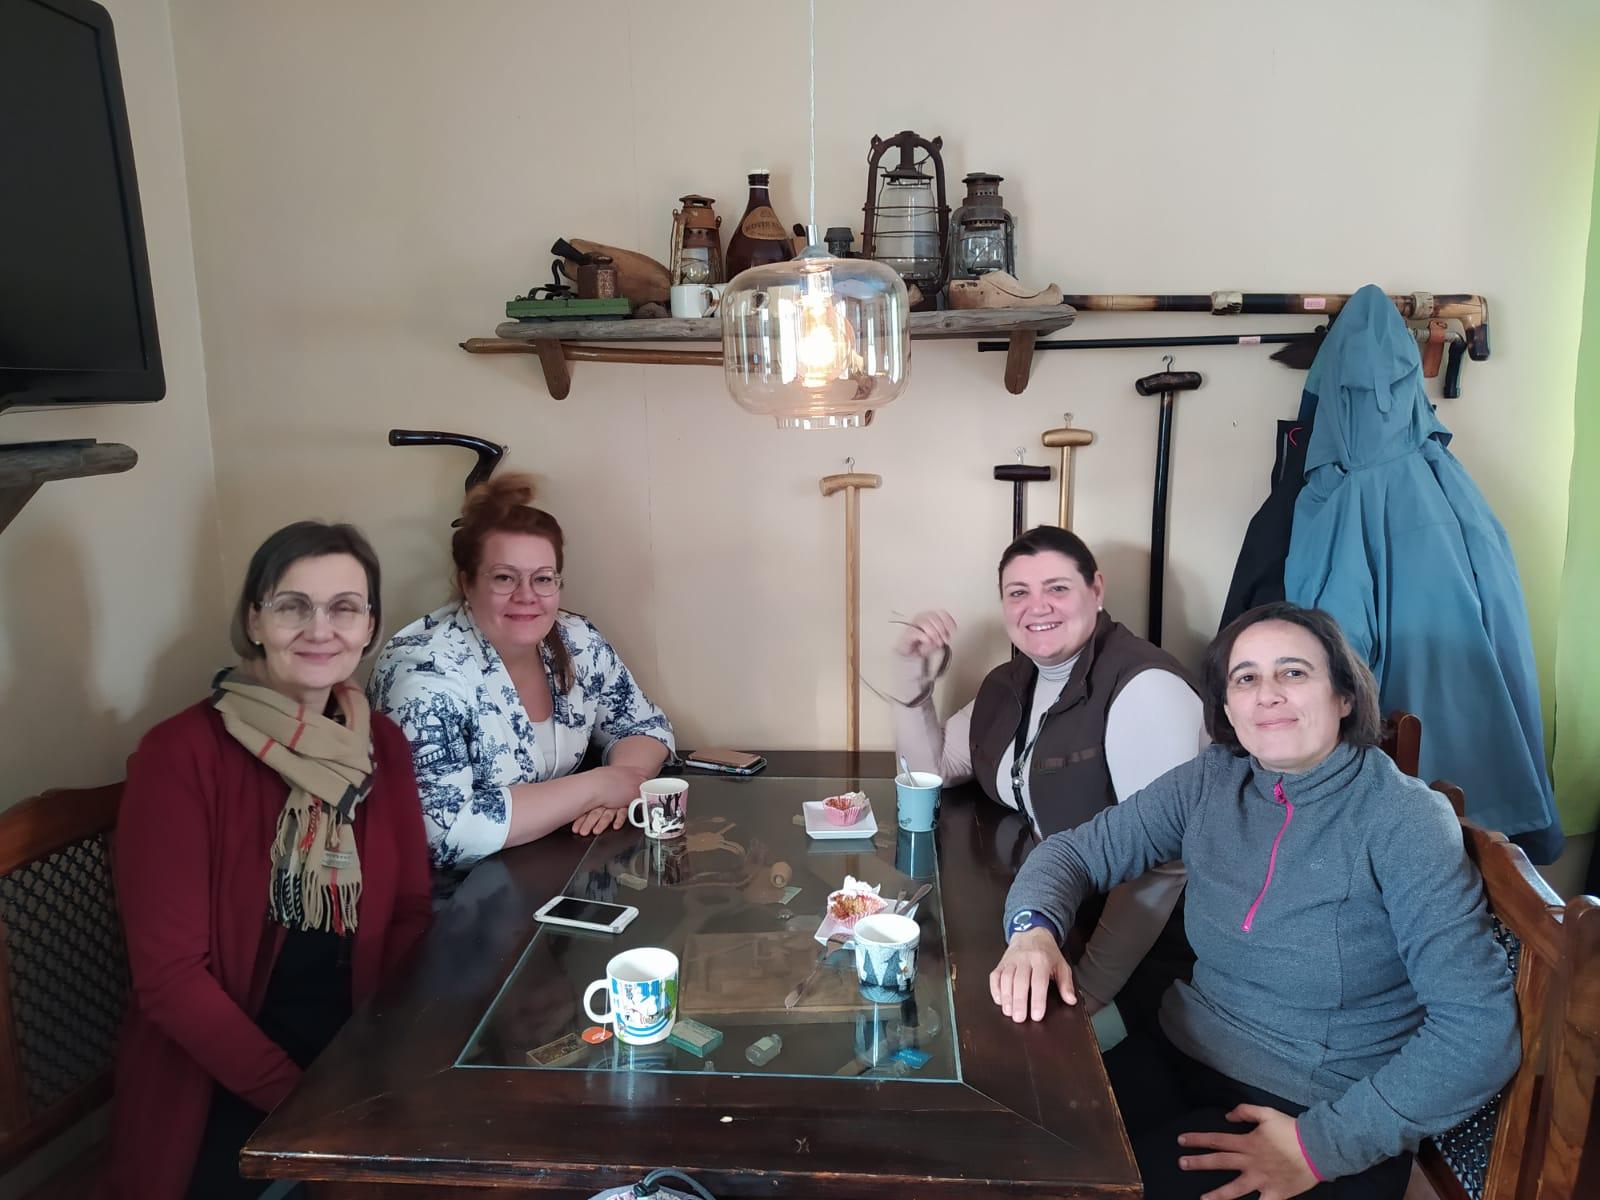 Una representación del equipo directivo del Instituto Clavero Fernández de Córdoba visita un centro educativo de Finlandia